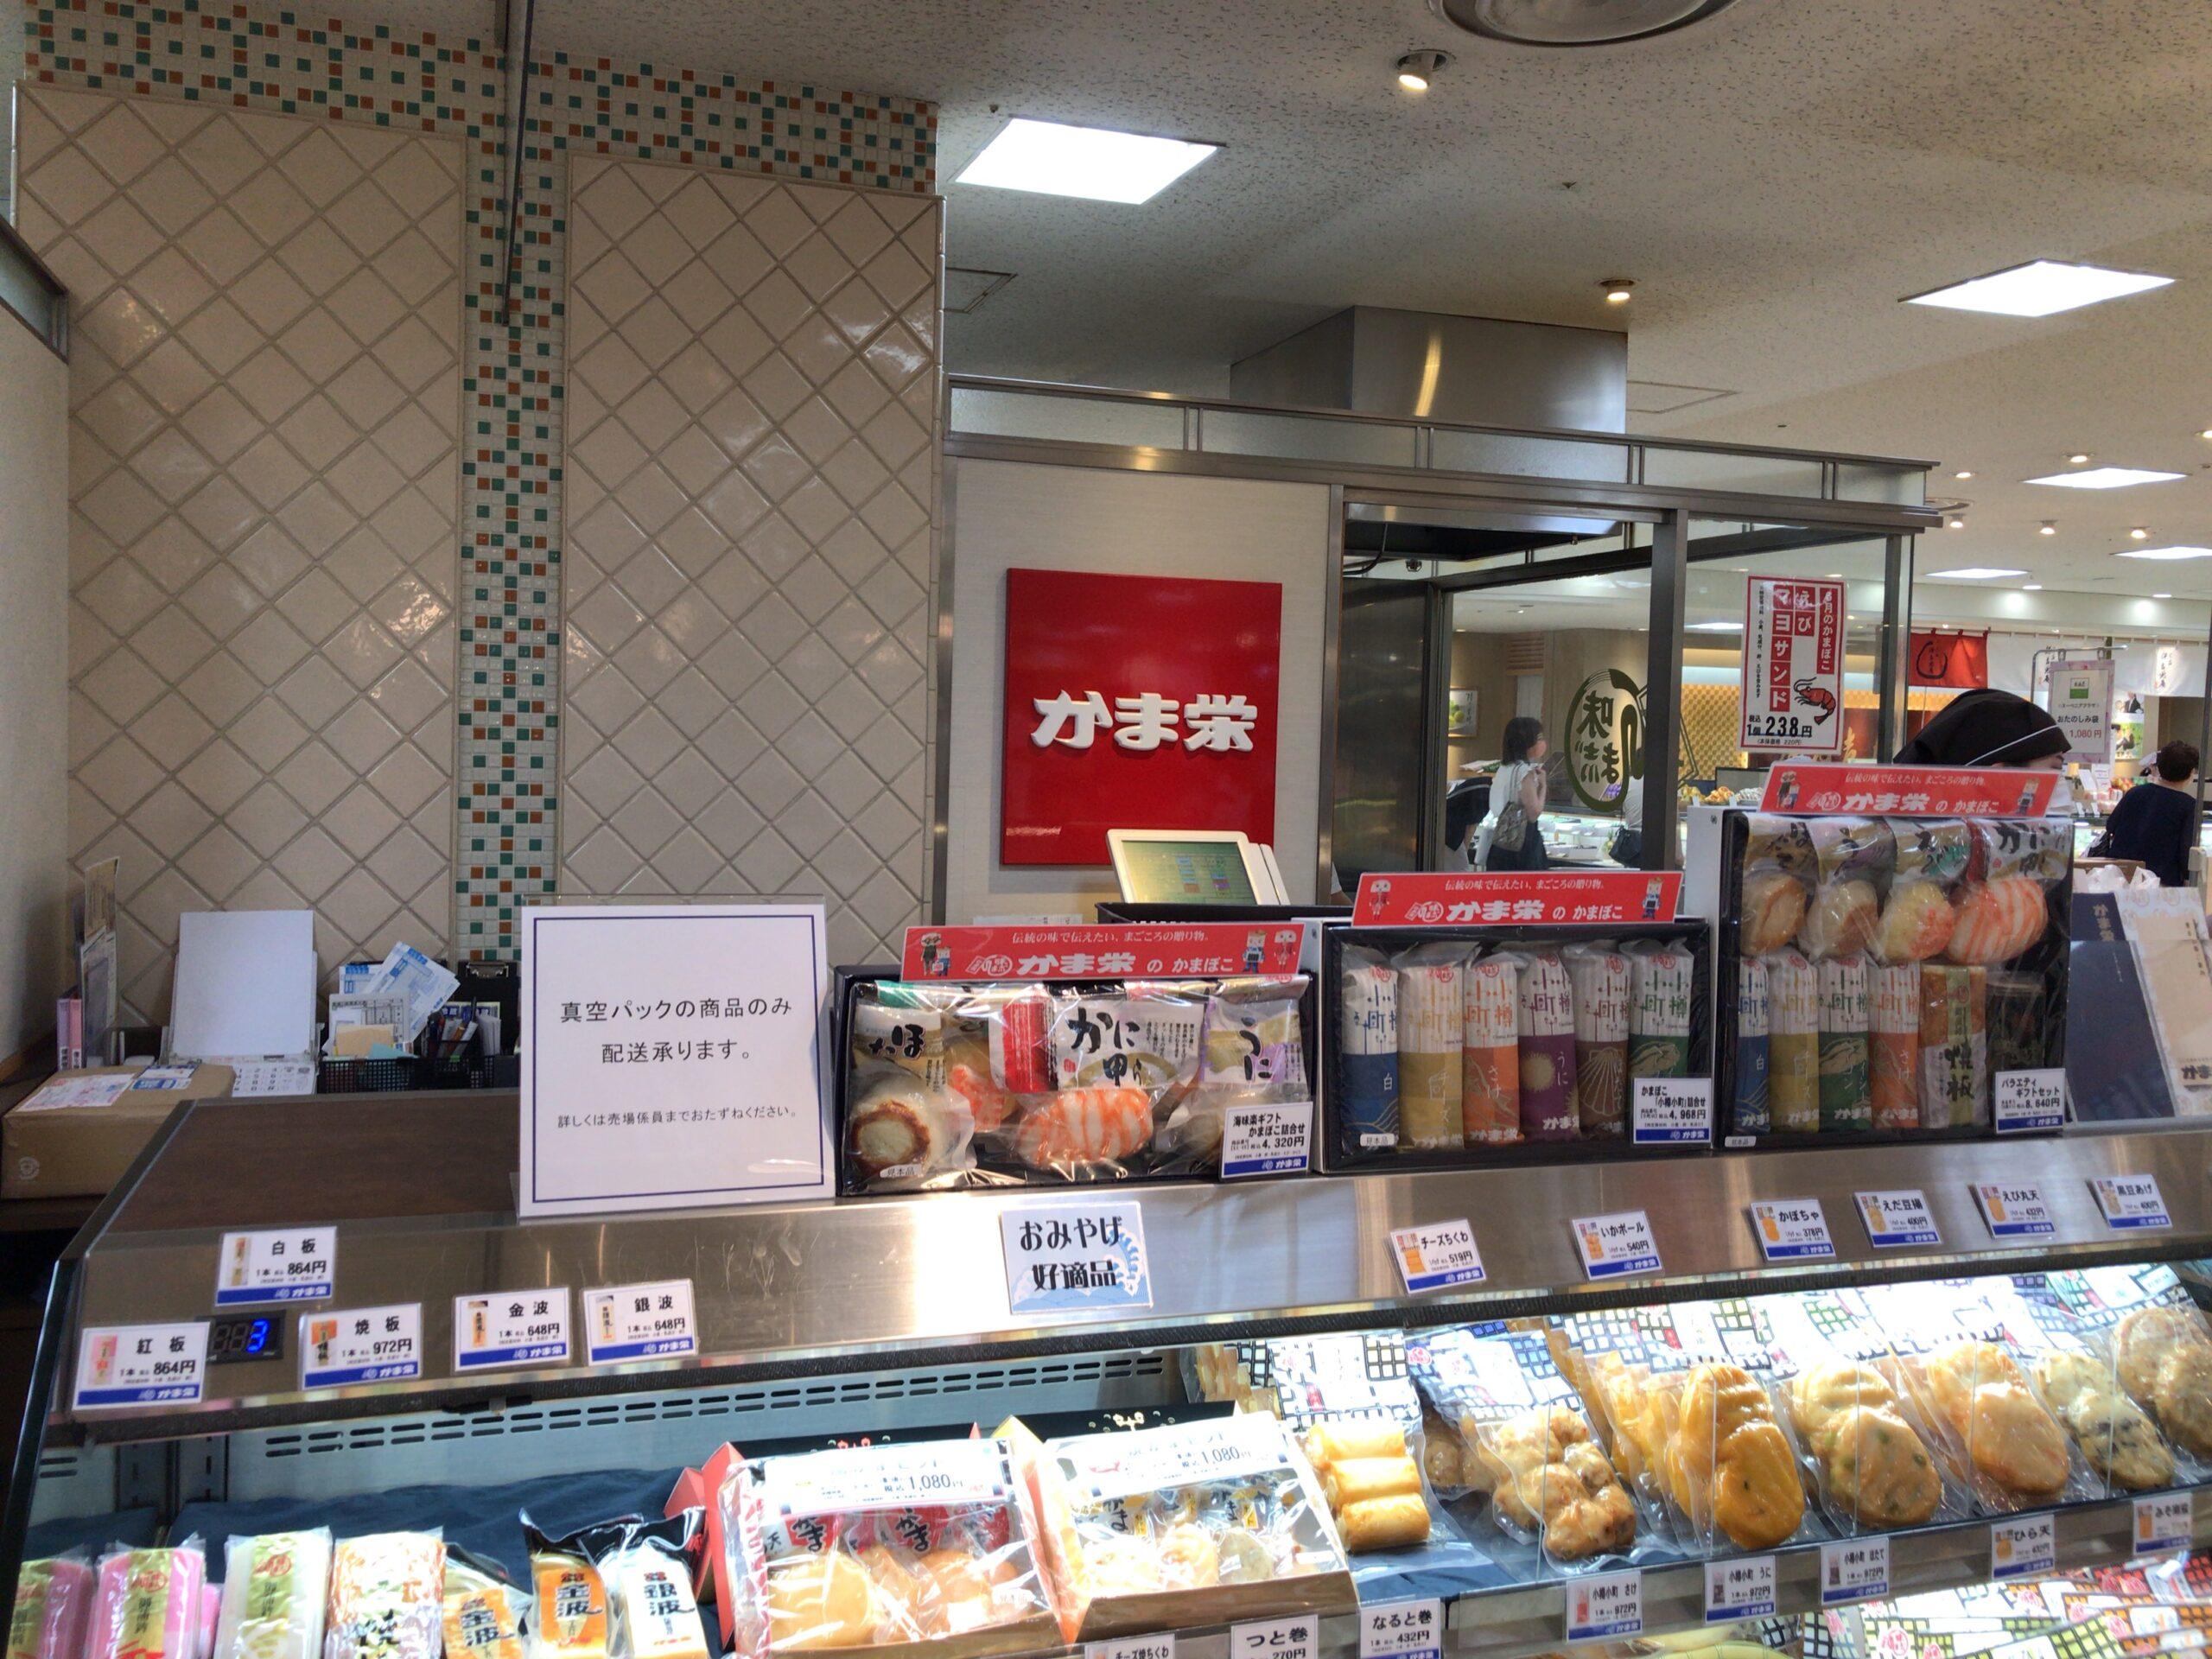 かま栄 札幌東急店